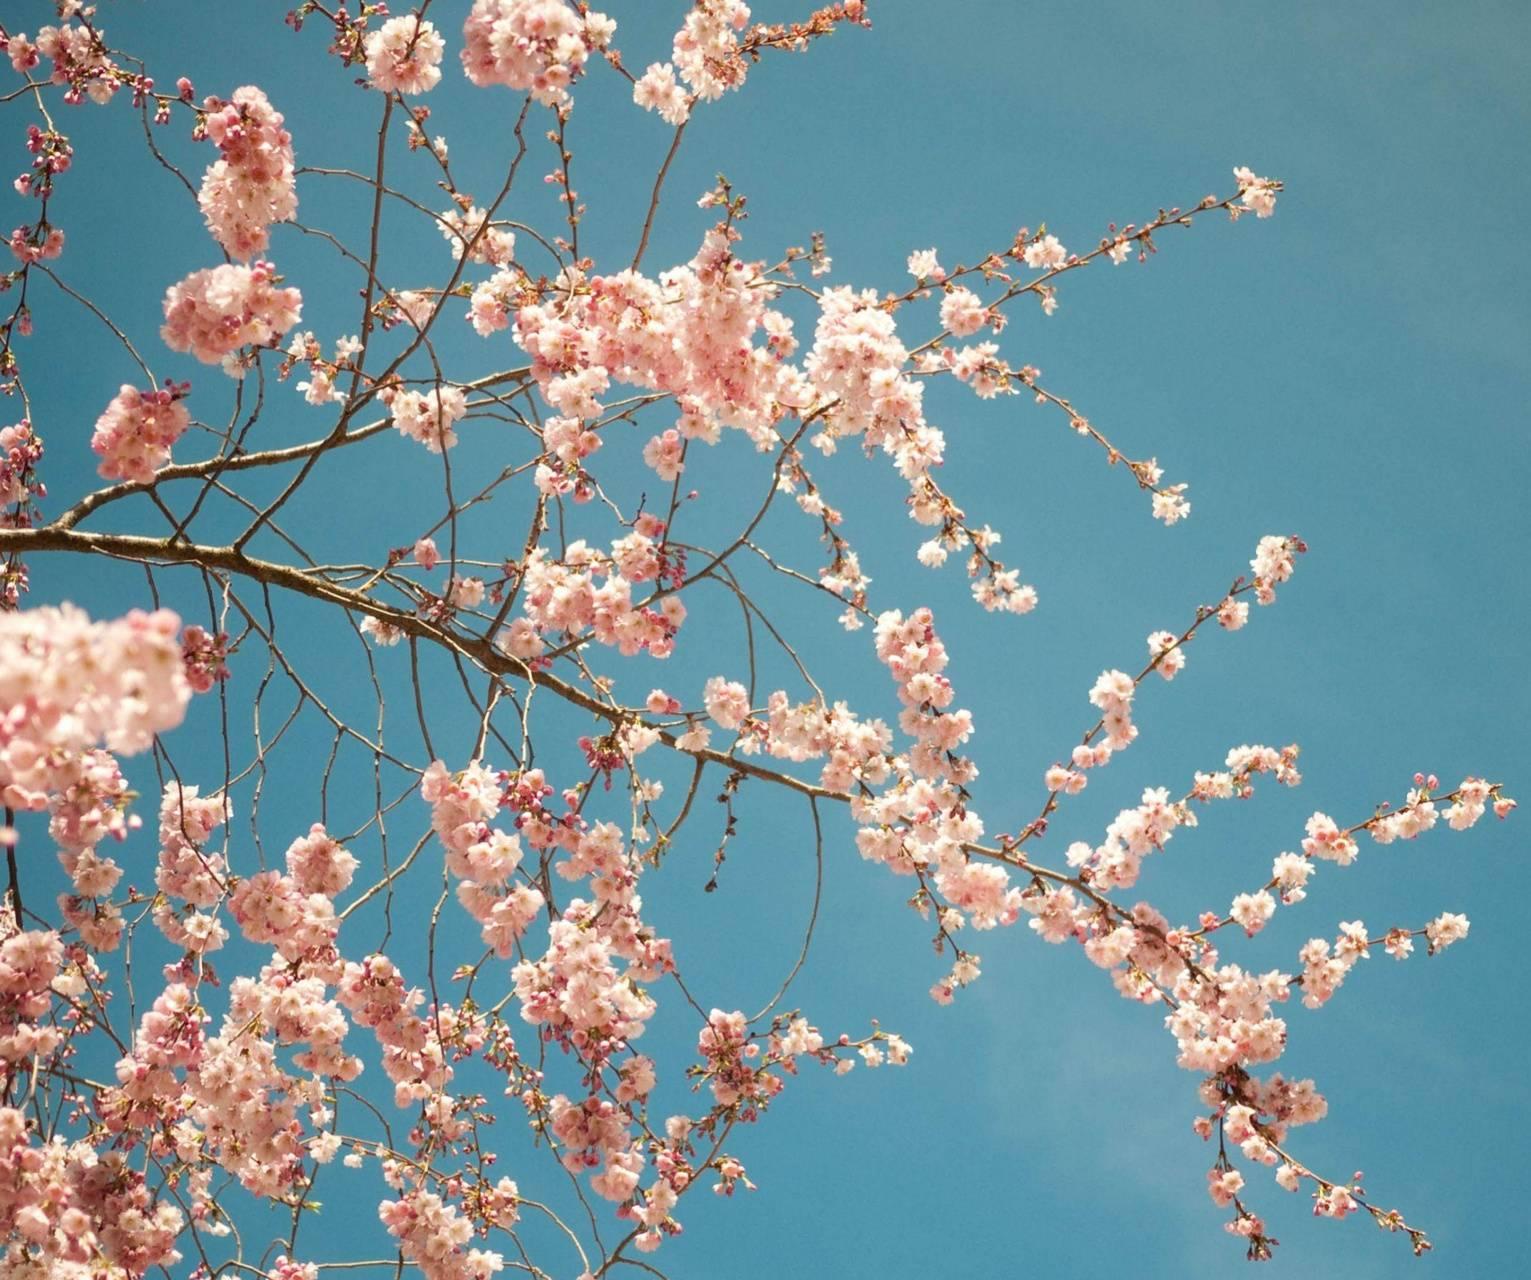 Blossome